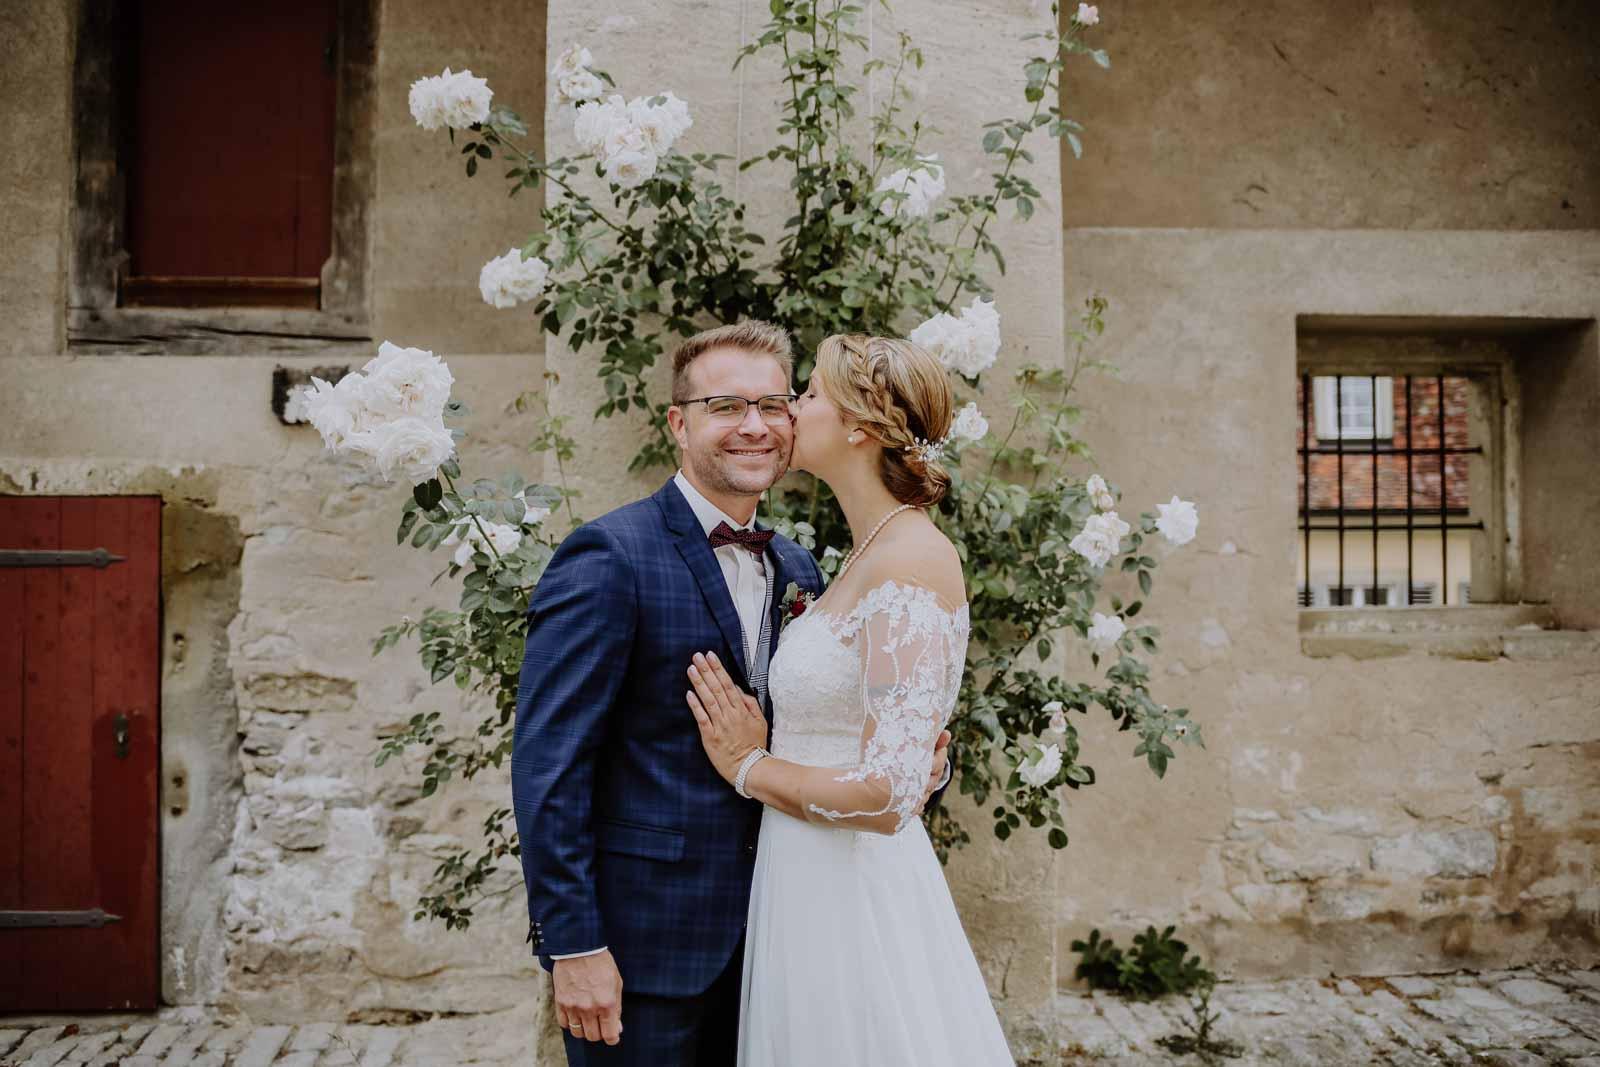 Brautpaar steht vor weißem Rosenbusch